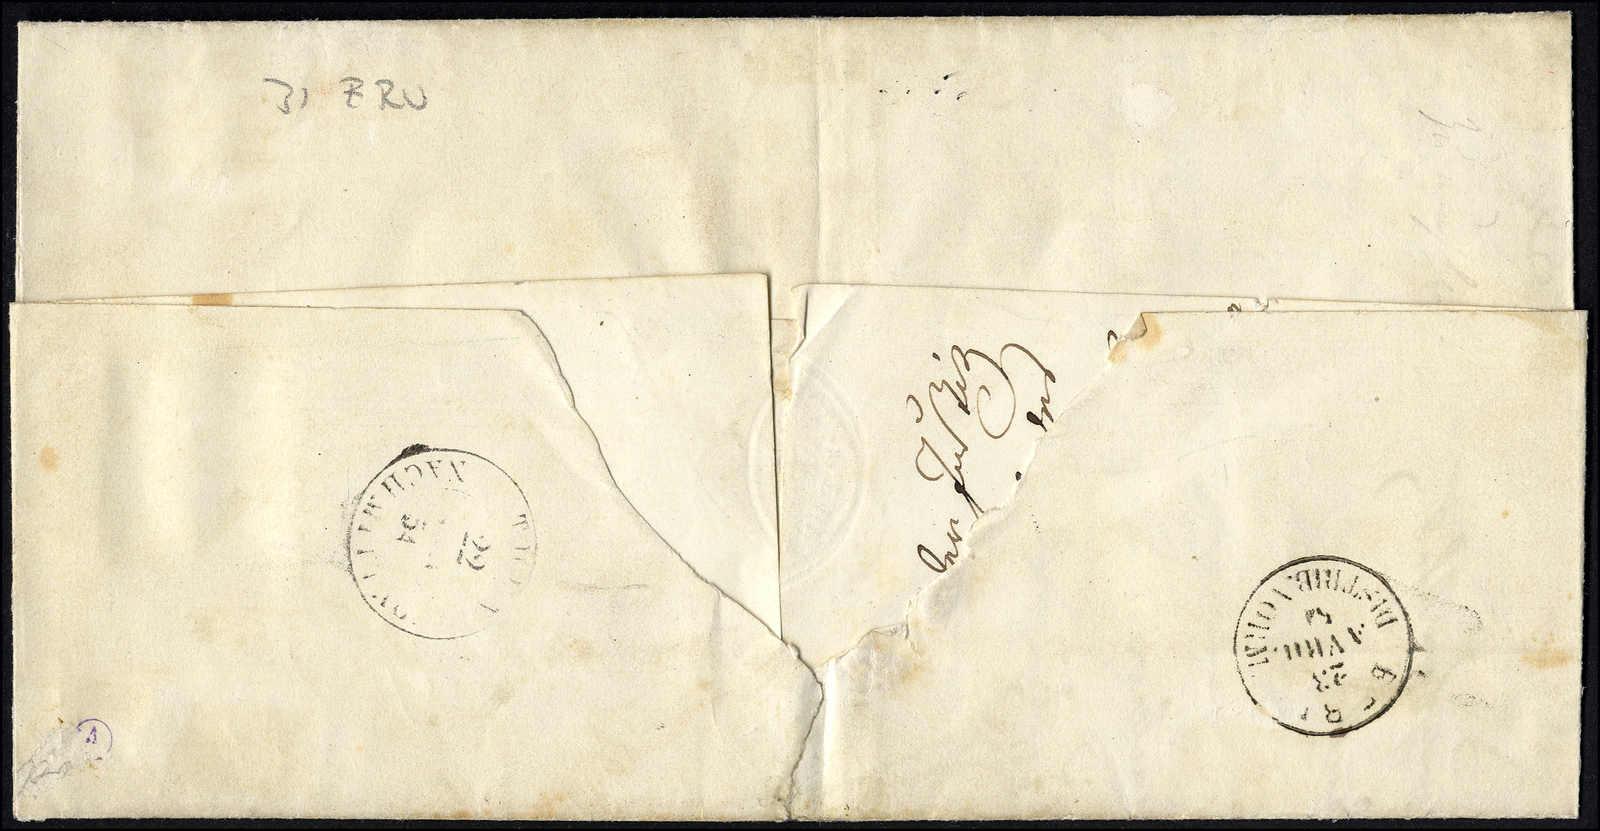 Lot 67 - sammlungen und posten sammlungen und posten altschweiz -  Rolli Auctions Auction #68 Day 1